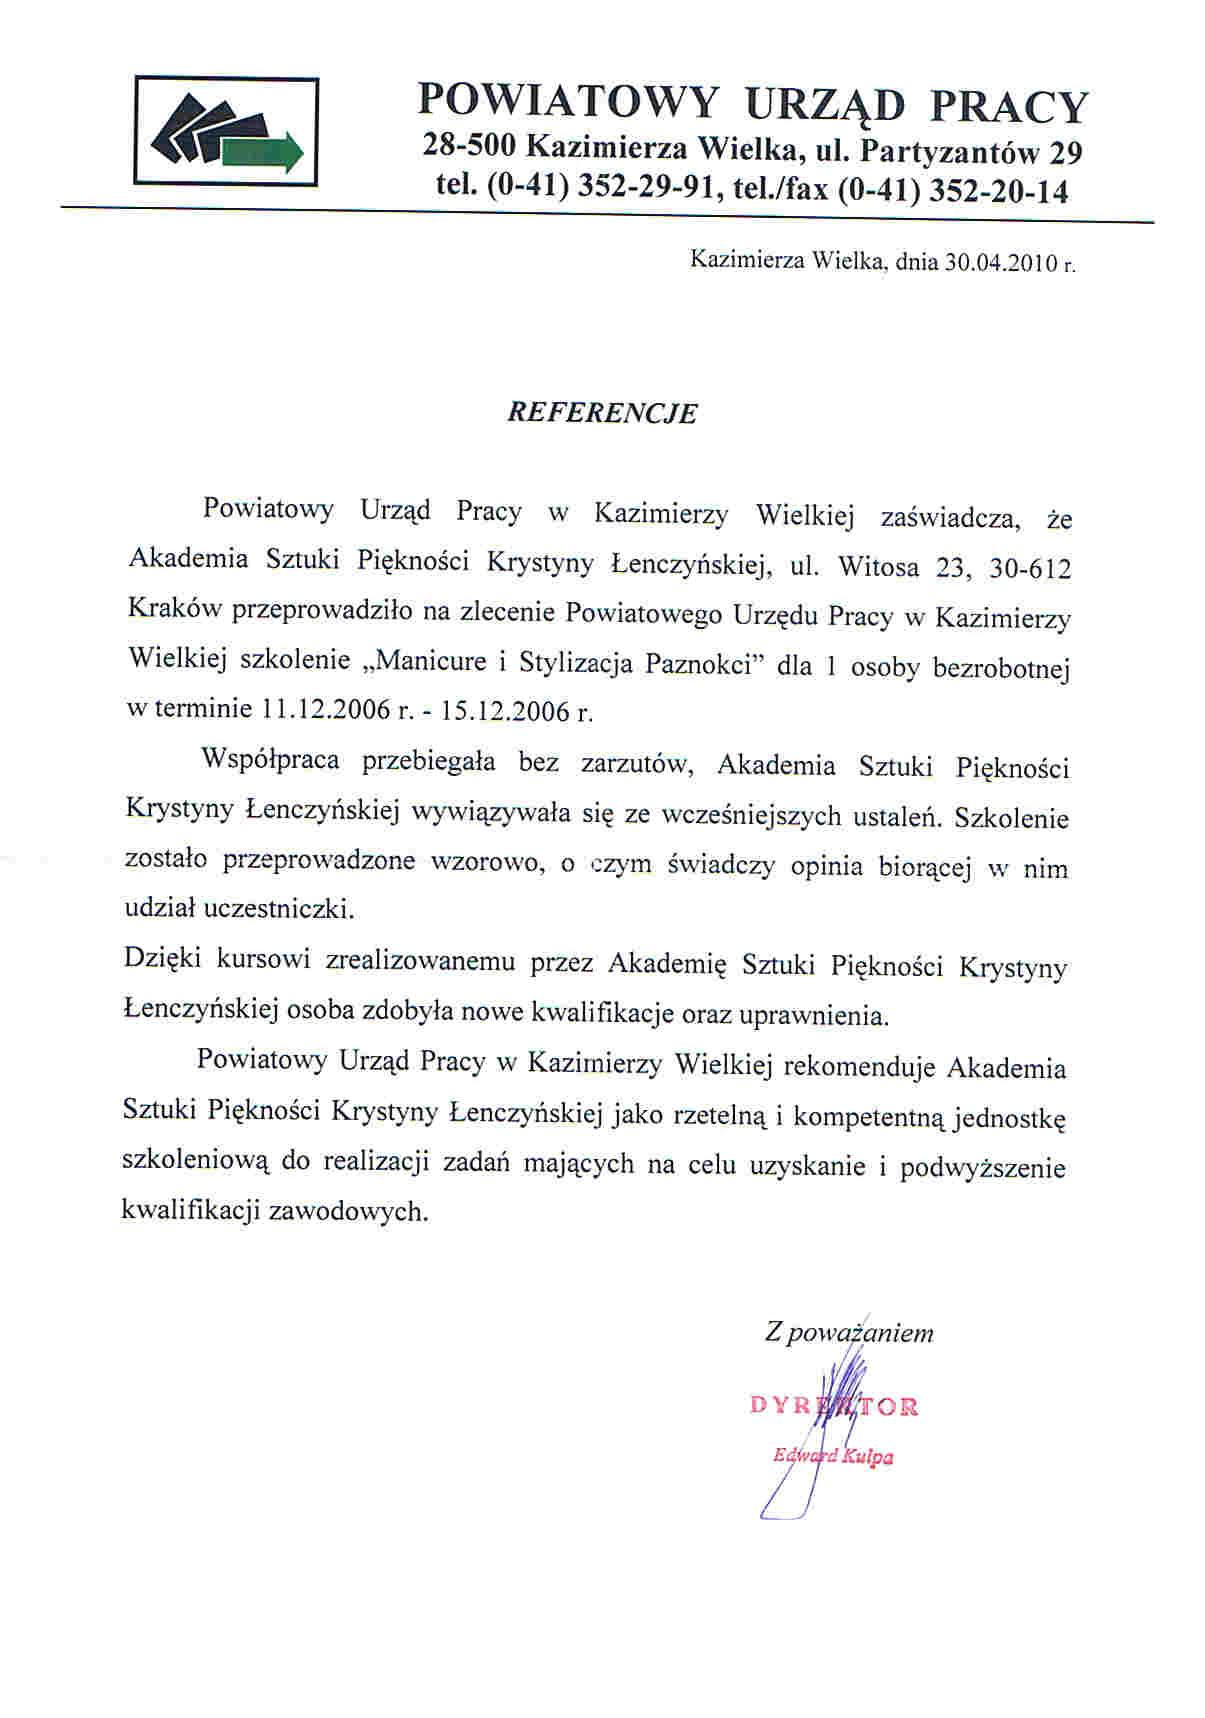 Powiatowy Urząd Pracy w Kazimierzy Wielkiej-Kazimierza Wielka